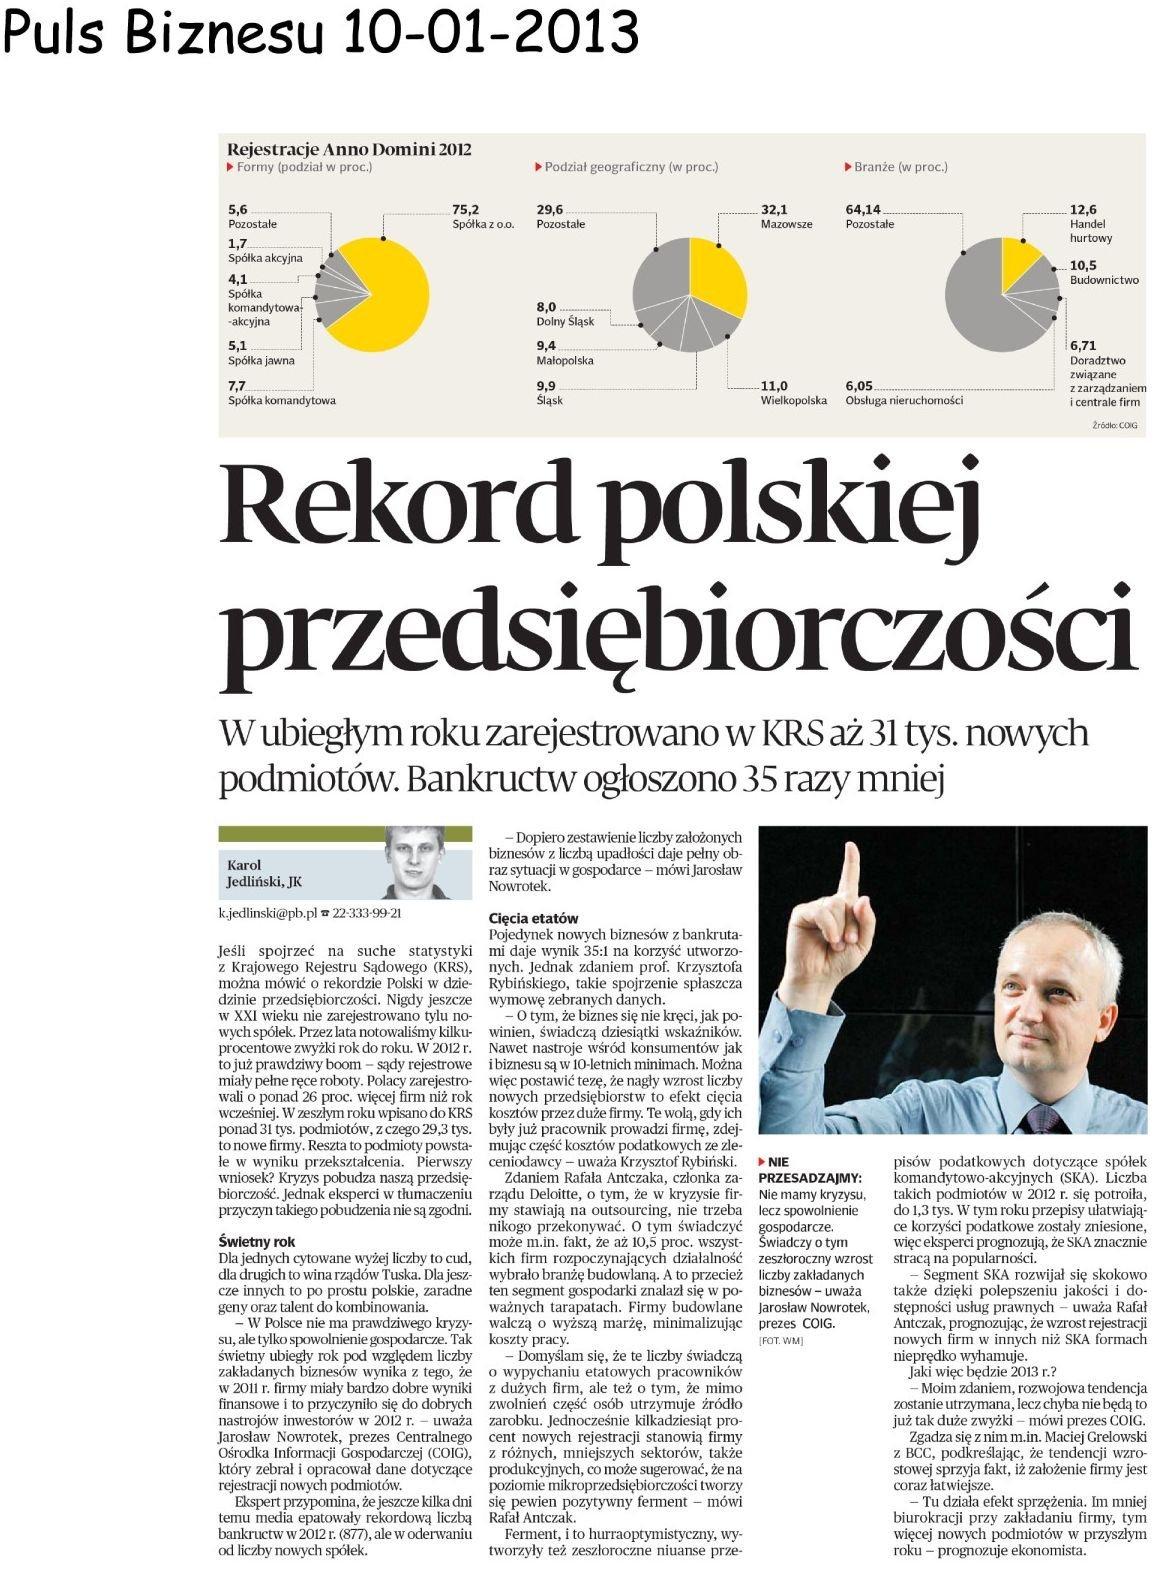 Rejestracje nowych firm w KRS w 2012 roku